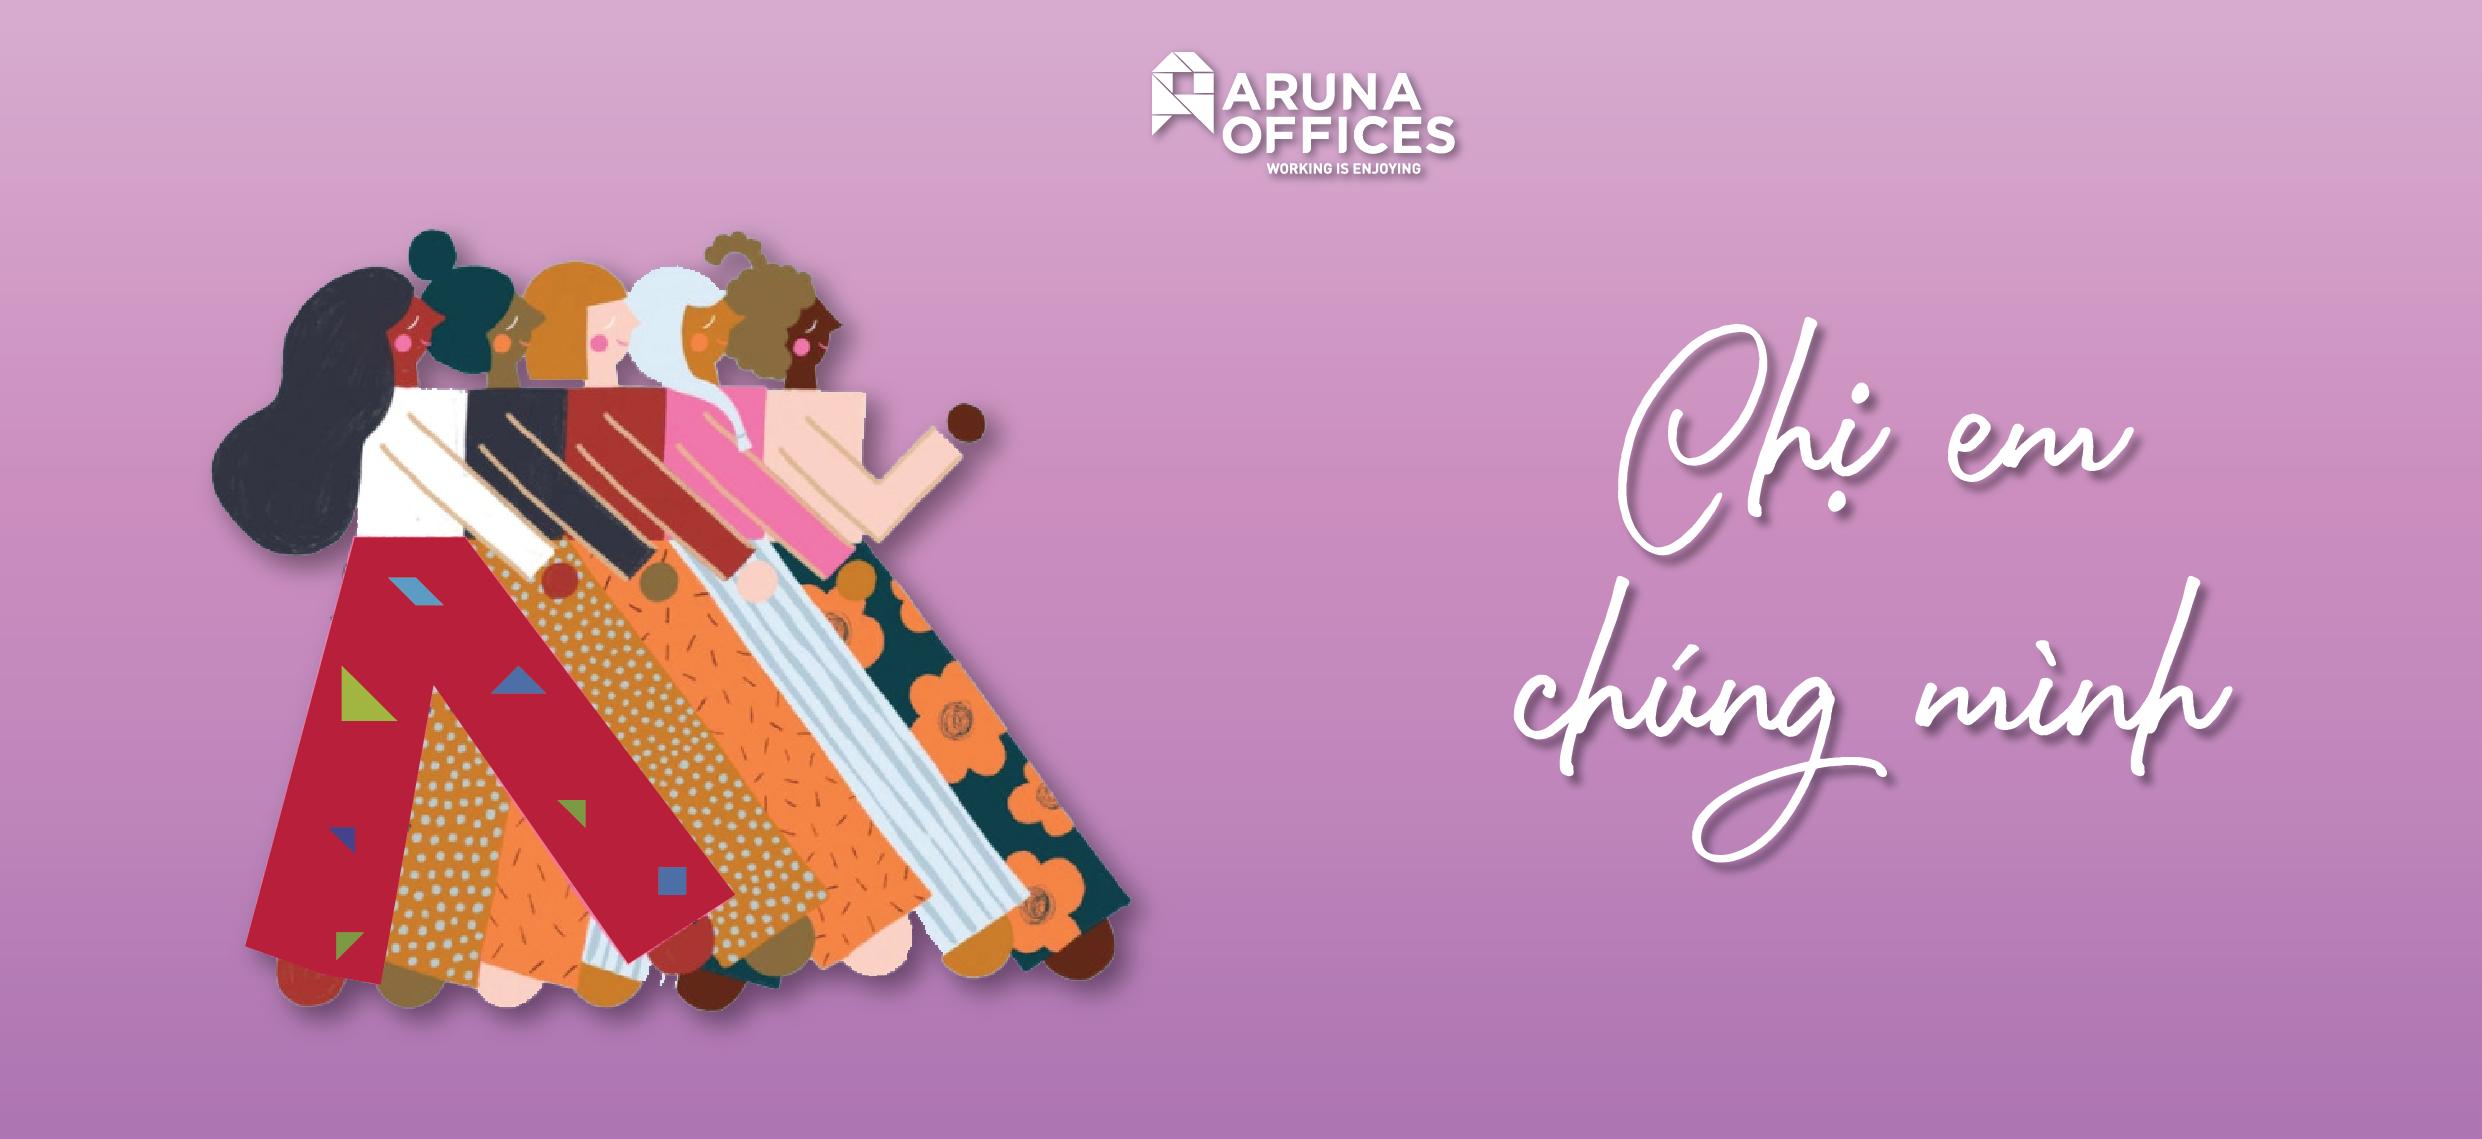 Aruna Offices - Chúc mừng ngày Phụ nữ Việt Nam 20/10